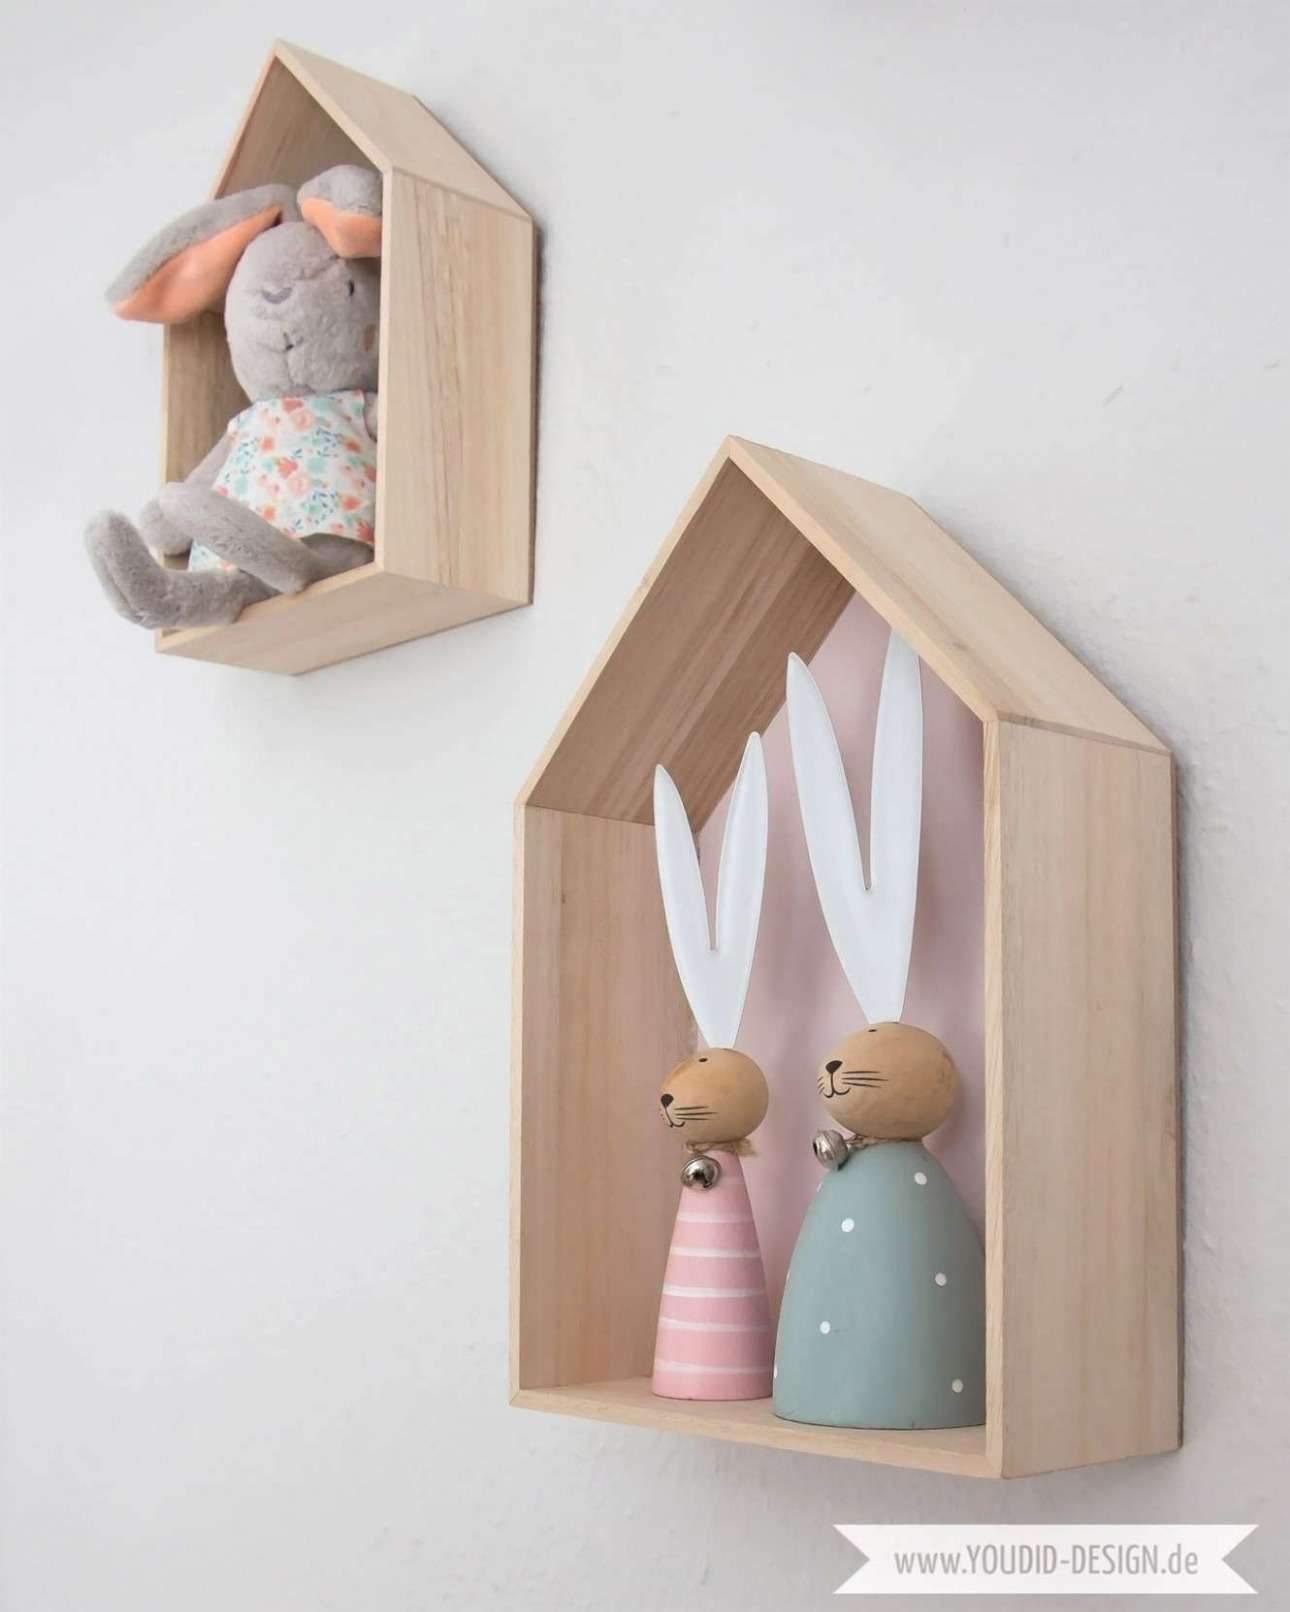 Full Size of Aufbewahrungsboxen Kinderzimmer Spielzeug Aufbewahrung Wohnzimmer Luxus 28 Das Beste Von Regal Weiß Regale Sofa Kinderzimmer Aufbewahrungsboxen Kinderzimmer